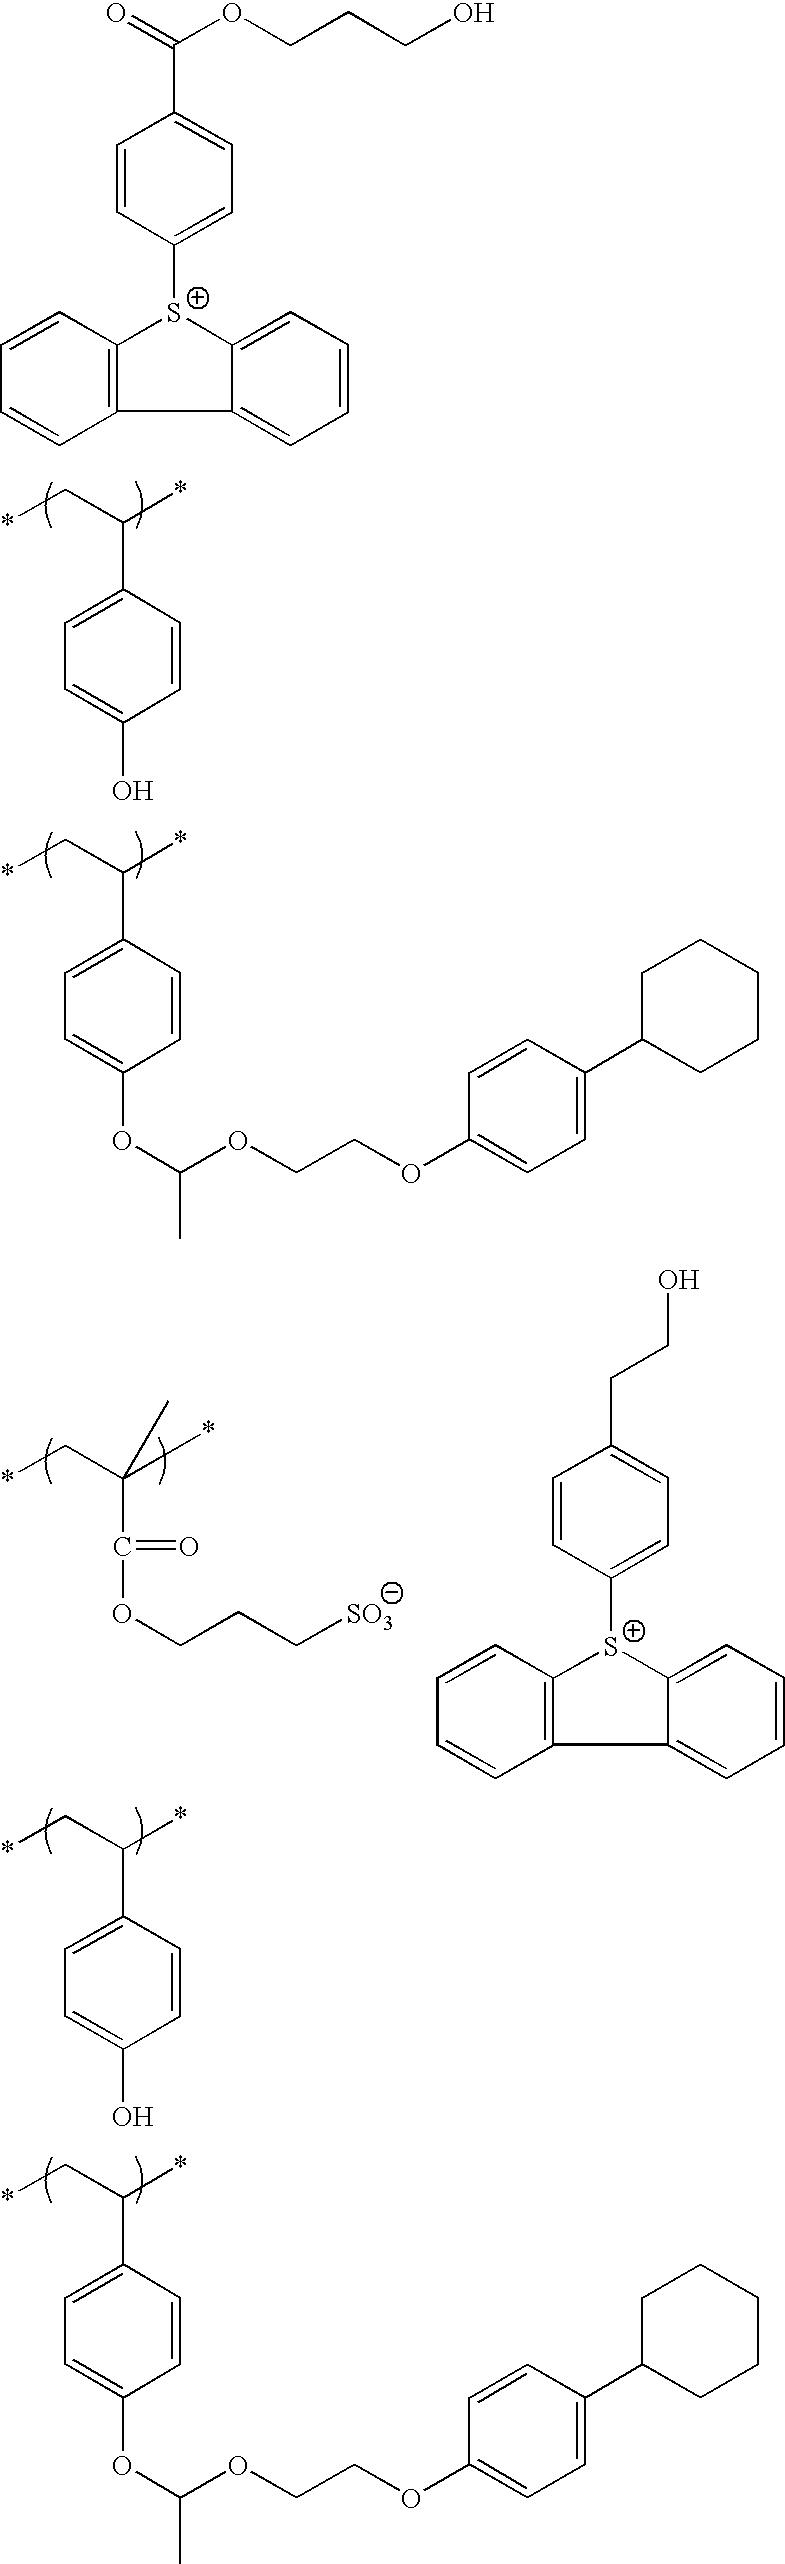 Figure US20100183975A1-20100722-C00166